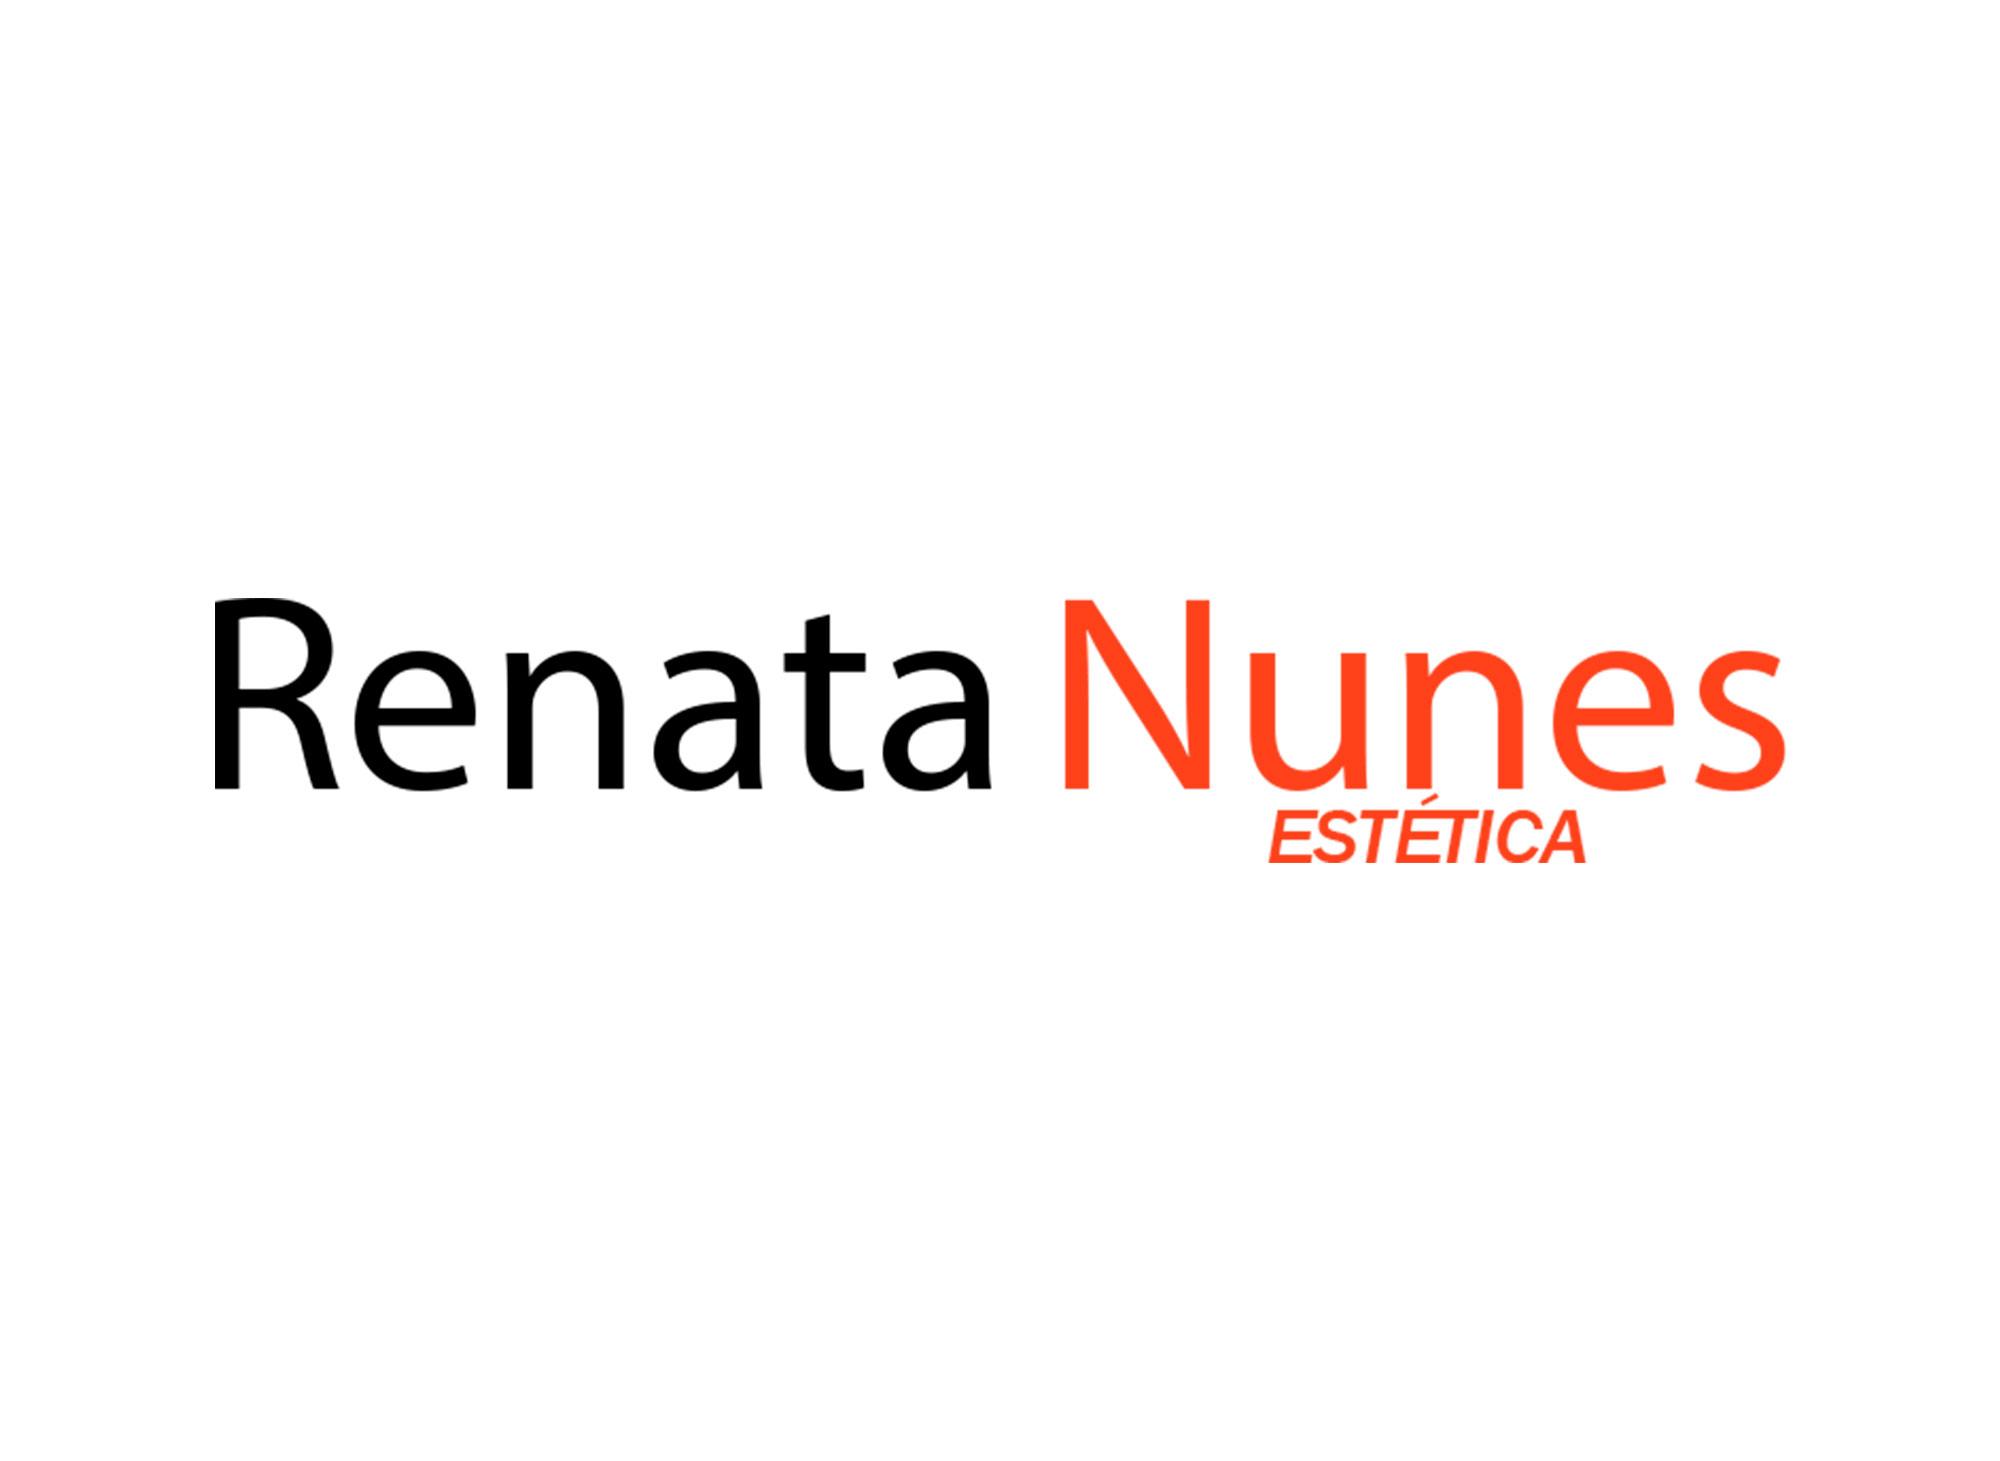 renata-nunes-estetica-cliente-agencia-diretriz-digital-marketing-fortaleza